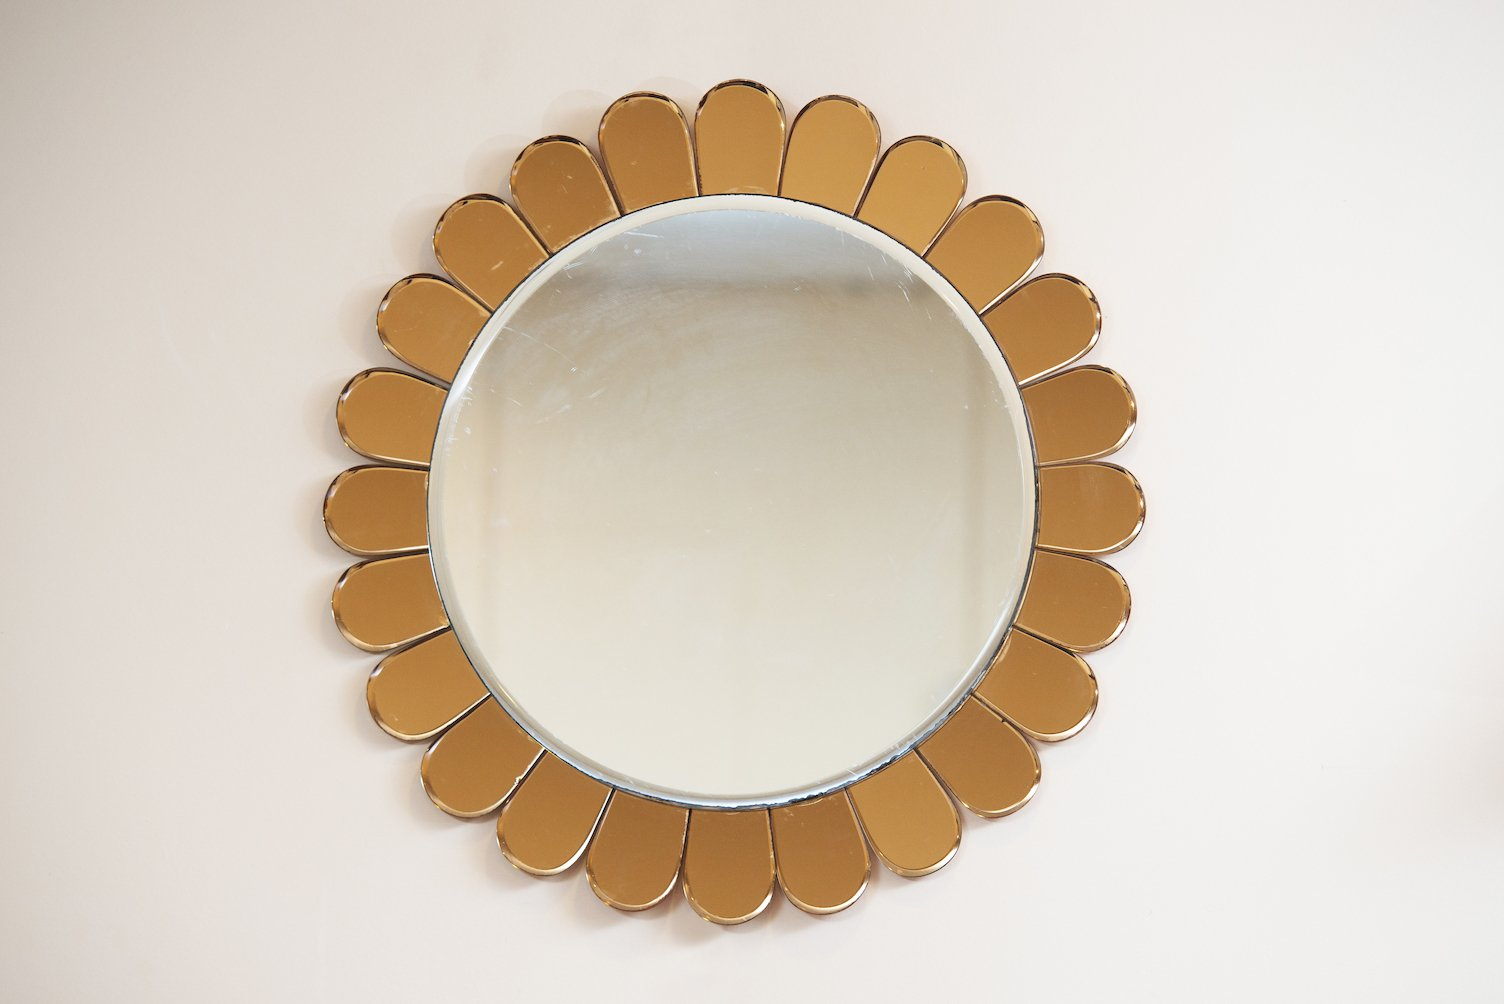 miroir mural de cristal art italie 1950s en vente sur pamono. Black Bedroom Furniture Sets. Home Design Ideas